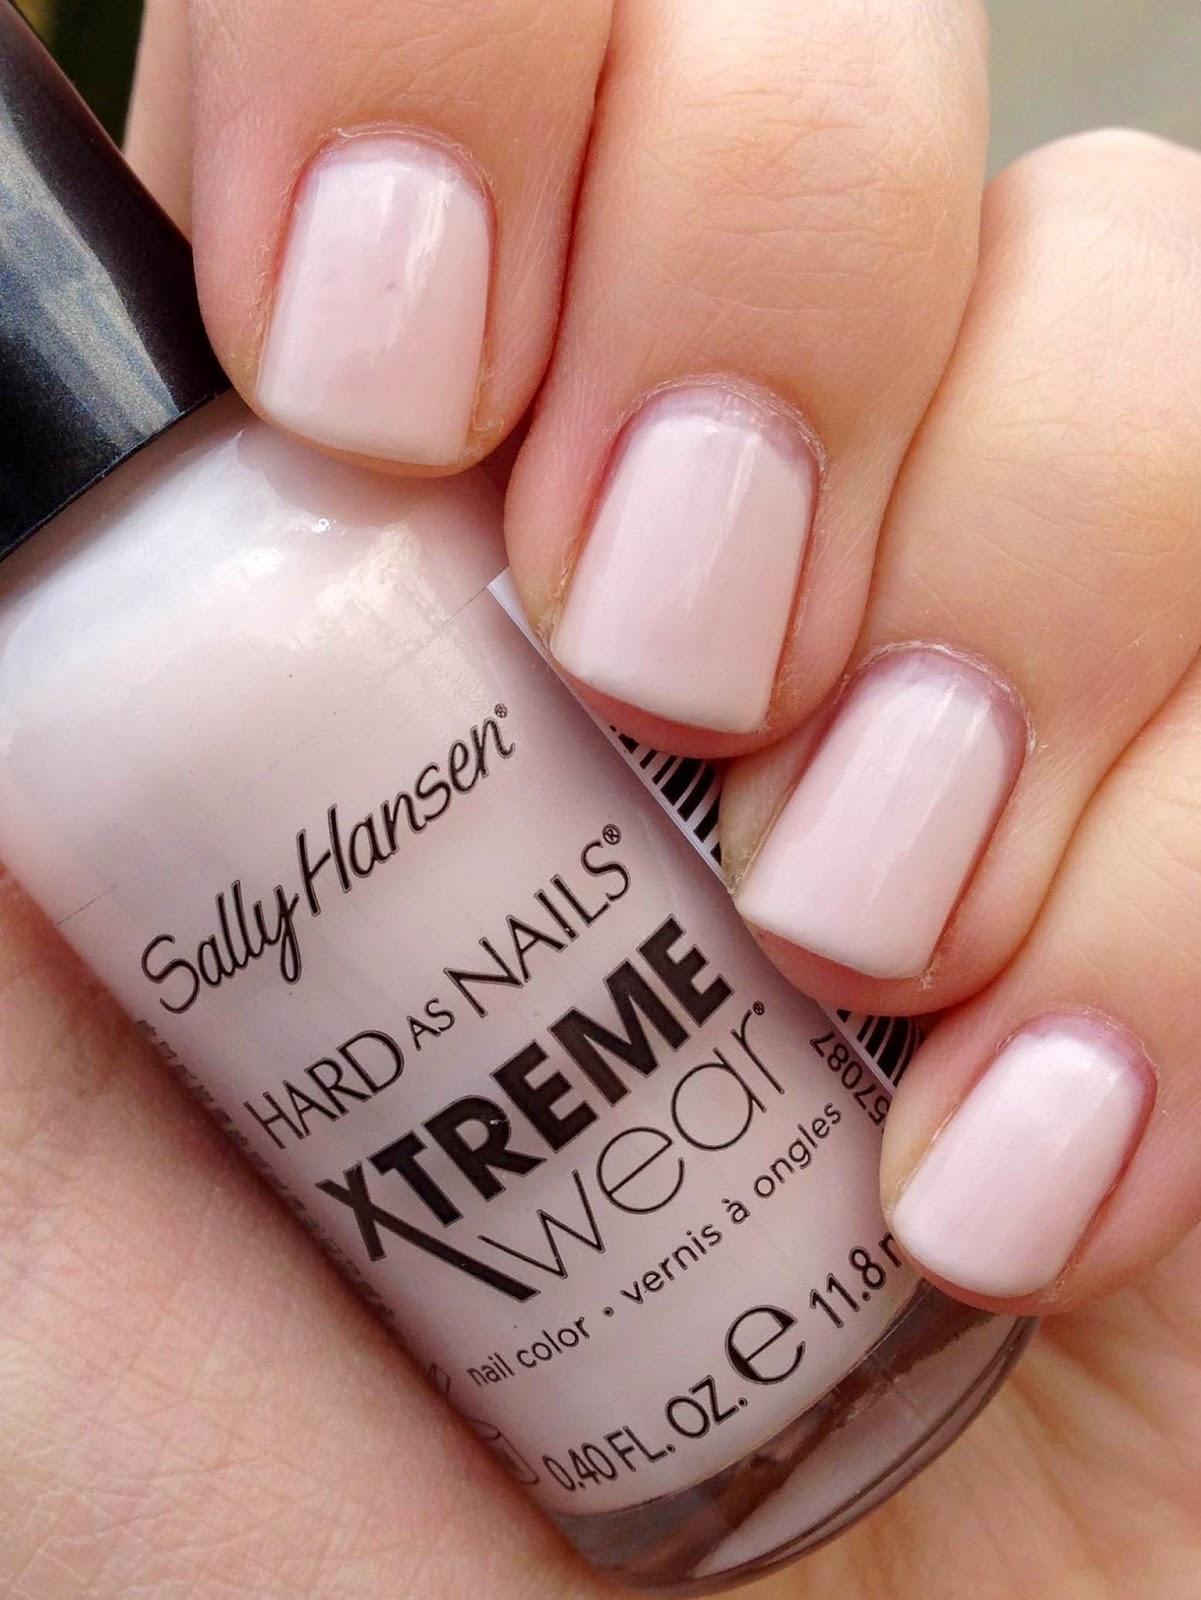 Short \'n Chic: Sally Hansen Xtreme Wear Pearl Up